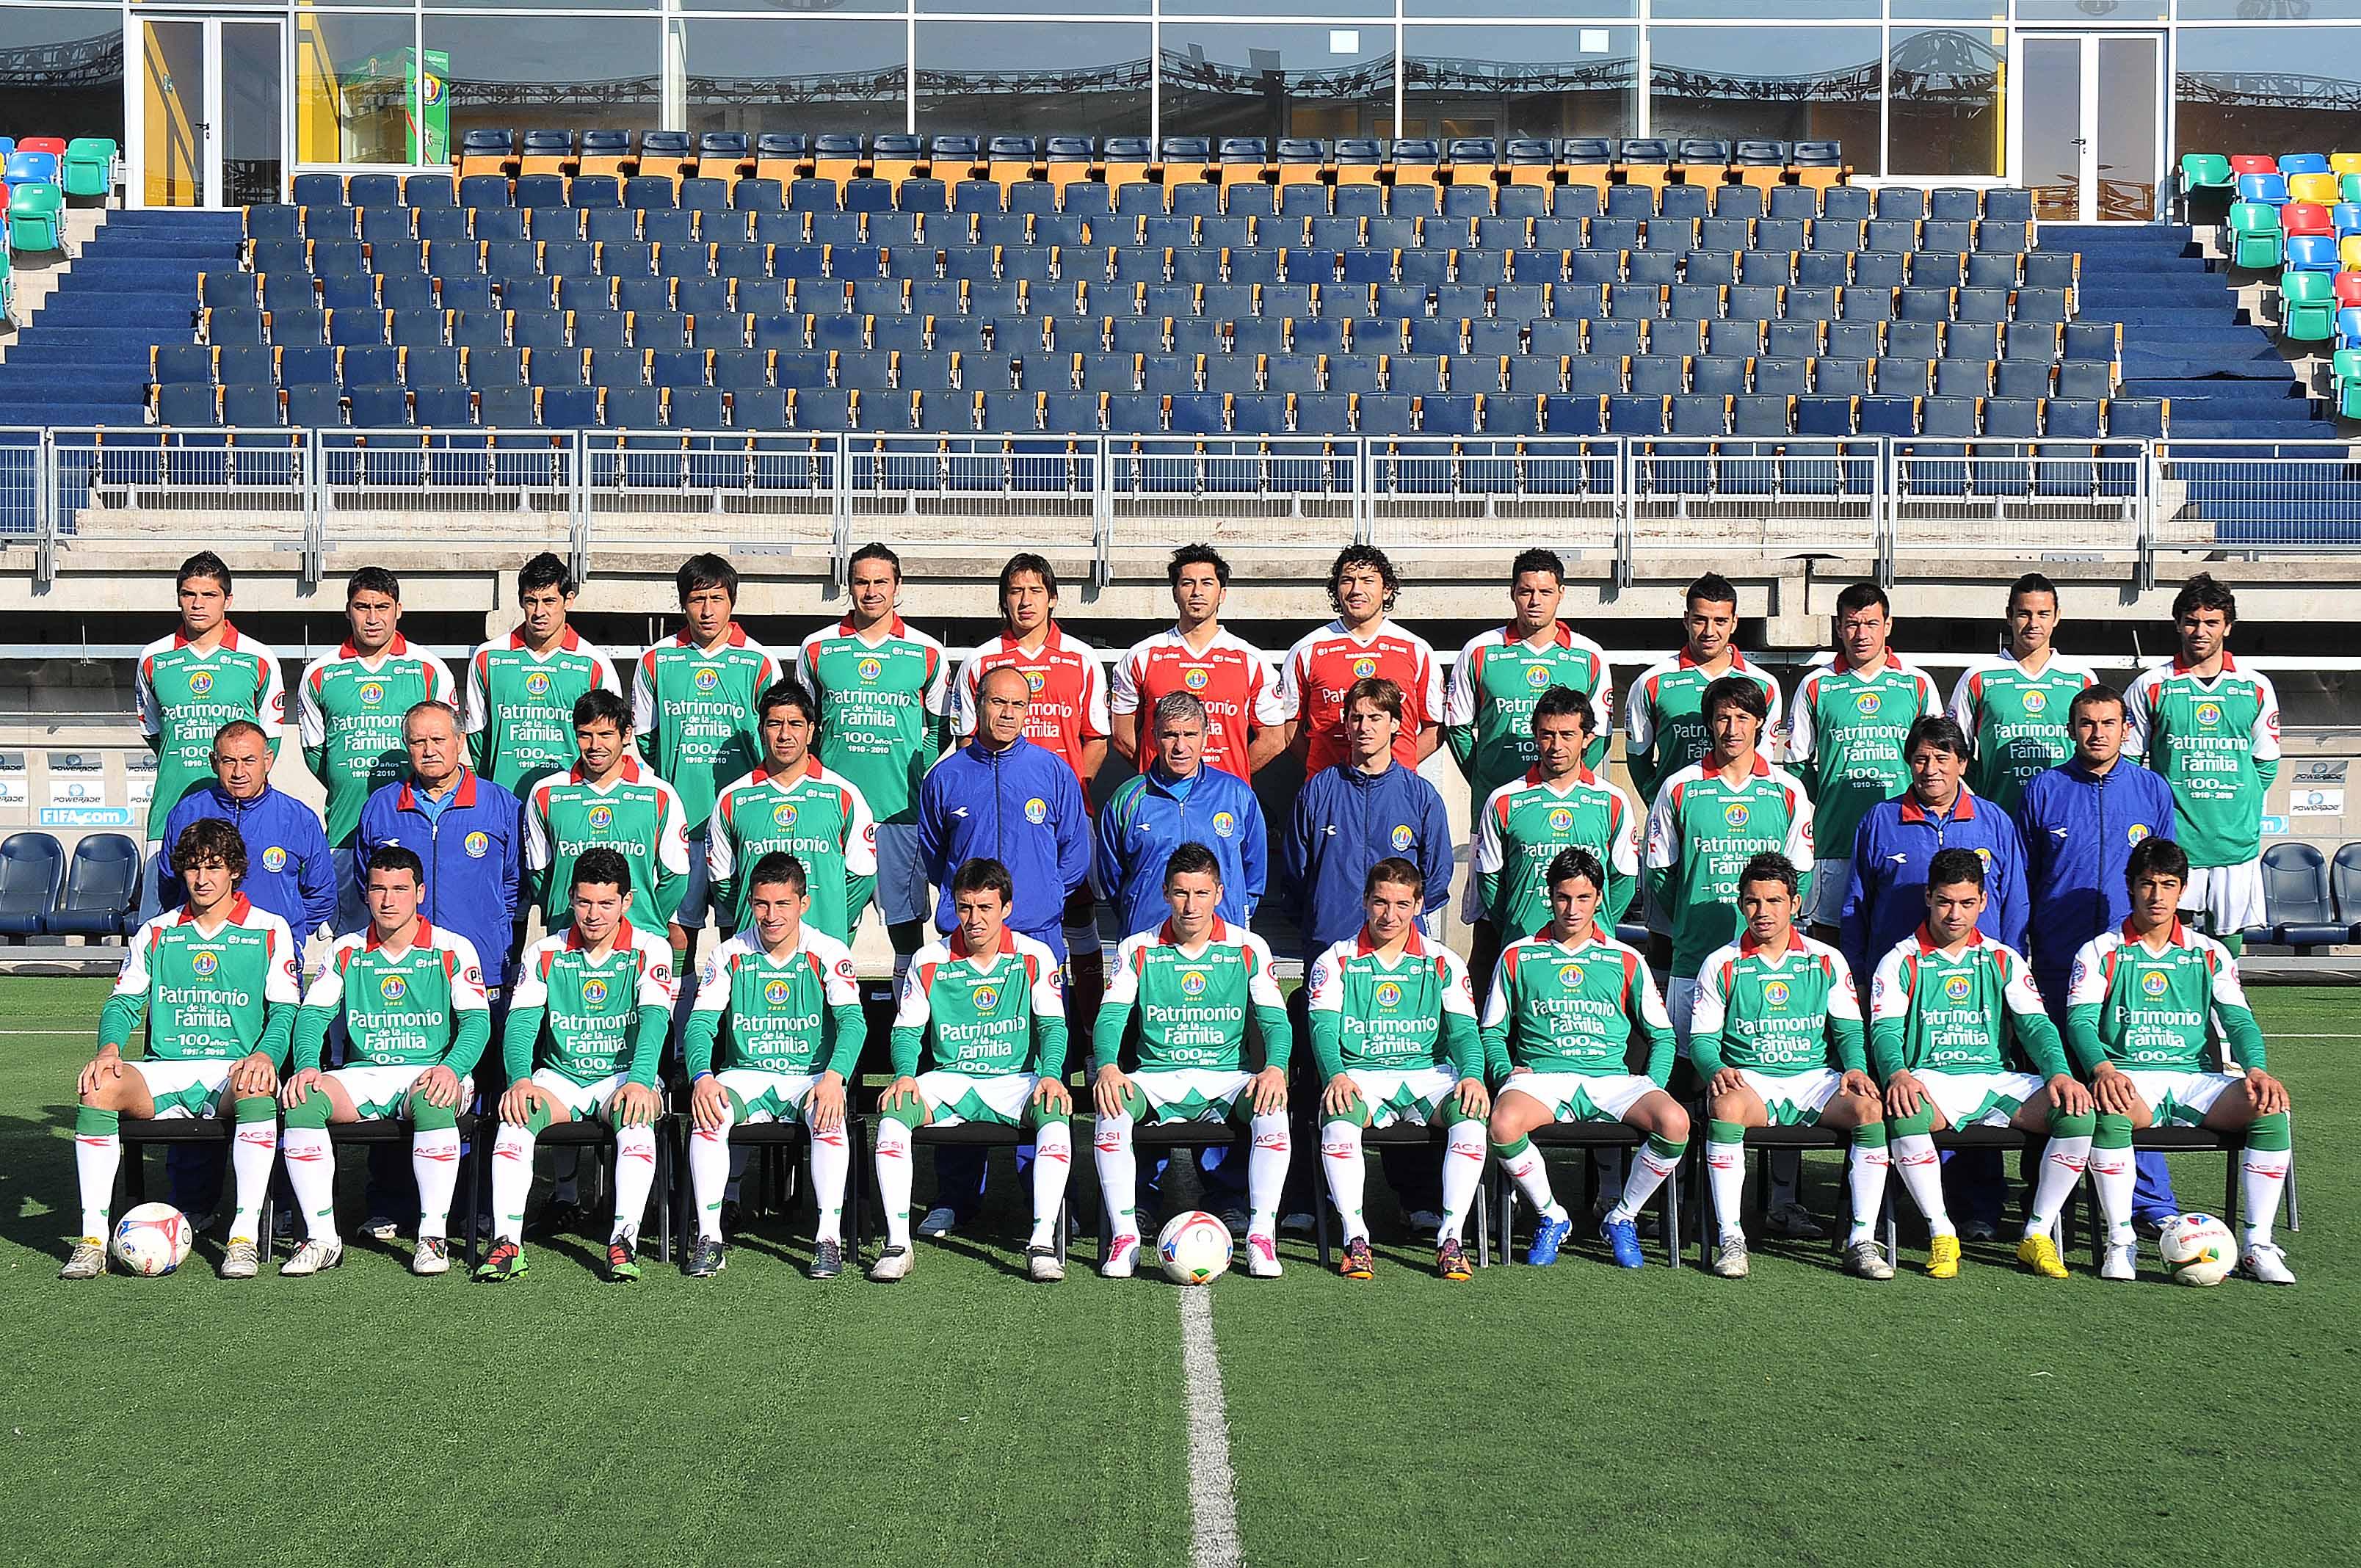 foto 20102